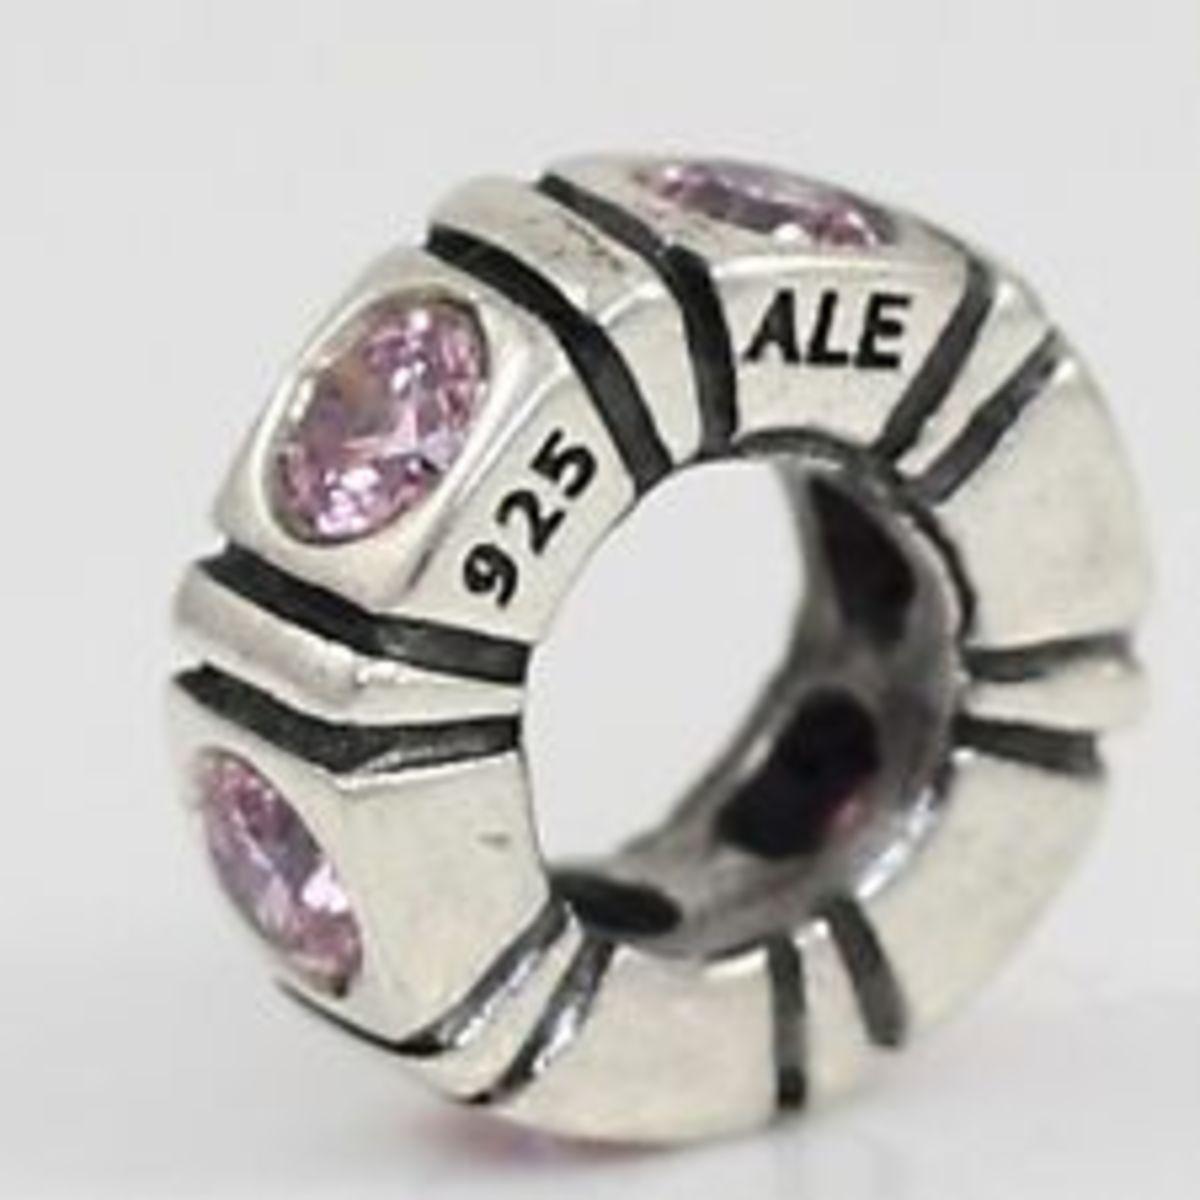 """The """"ALE"""" engraved hallmark on genuine Pandora beads."""